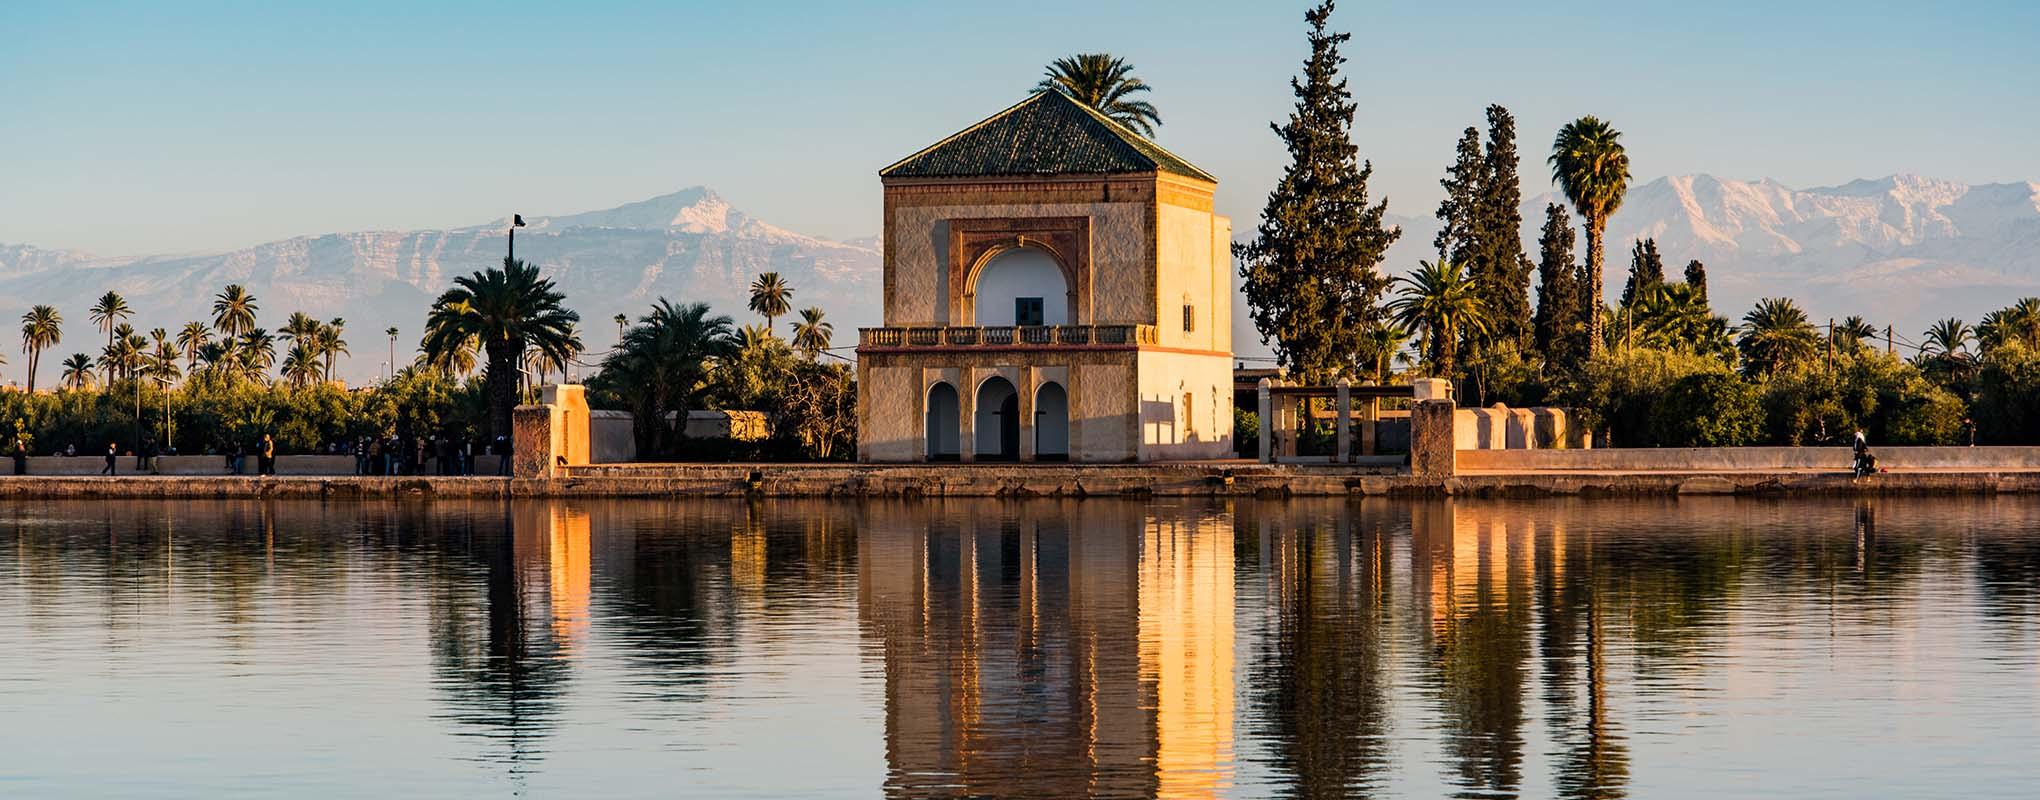 Marrakech ciudad imperial de Marruecos